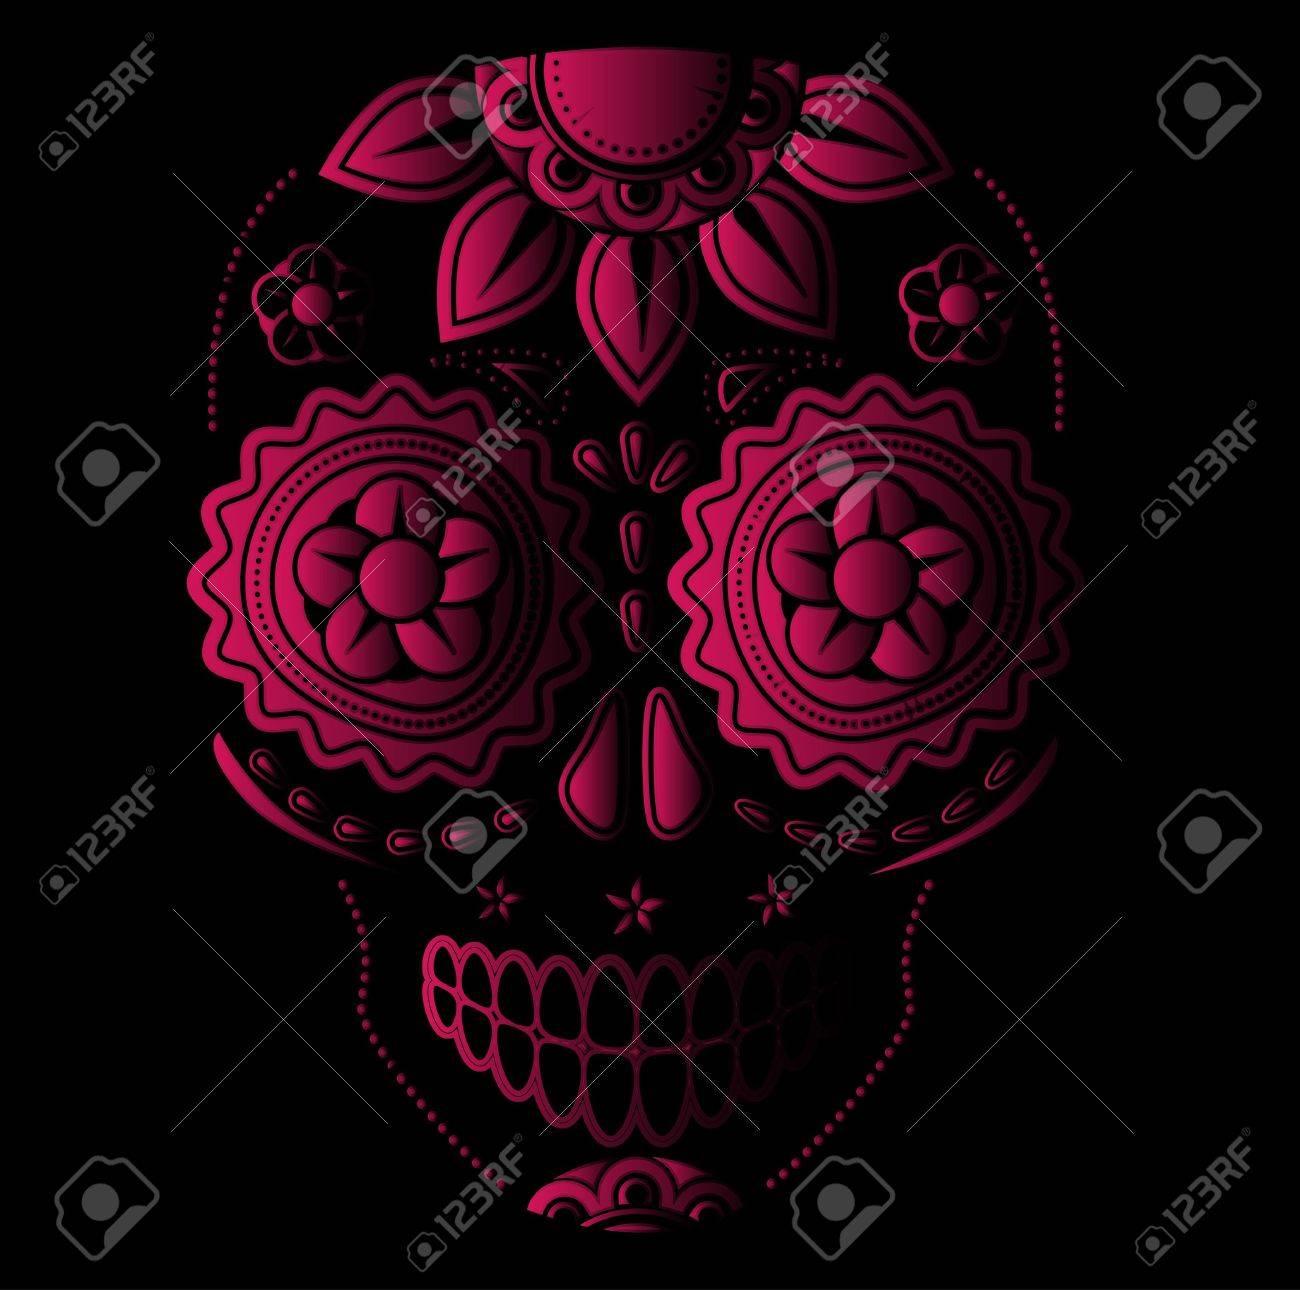 Day of the dead sugar skull - 21563498